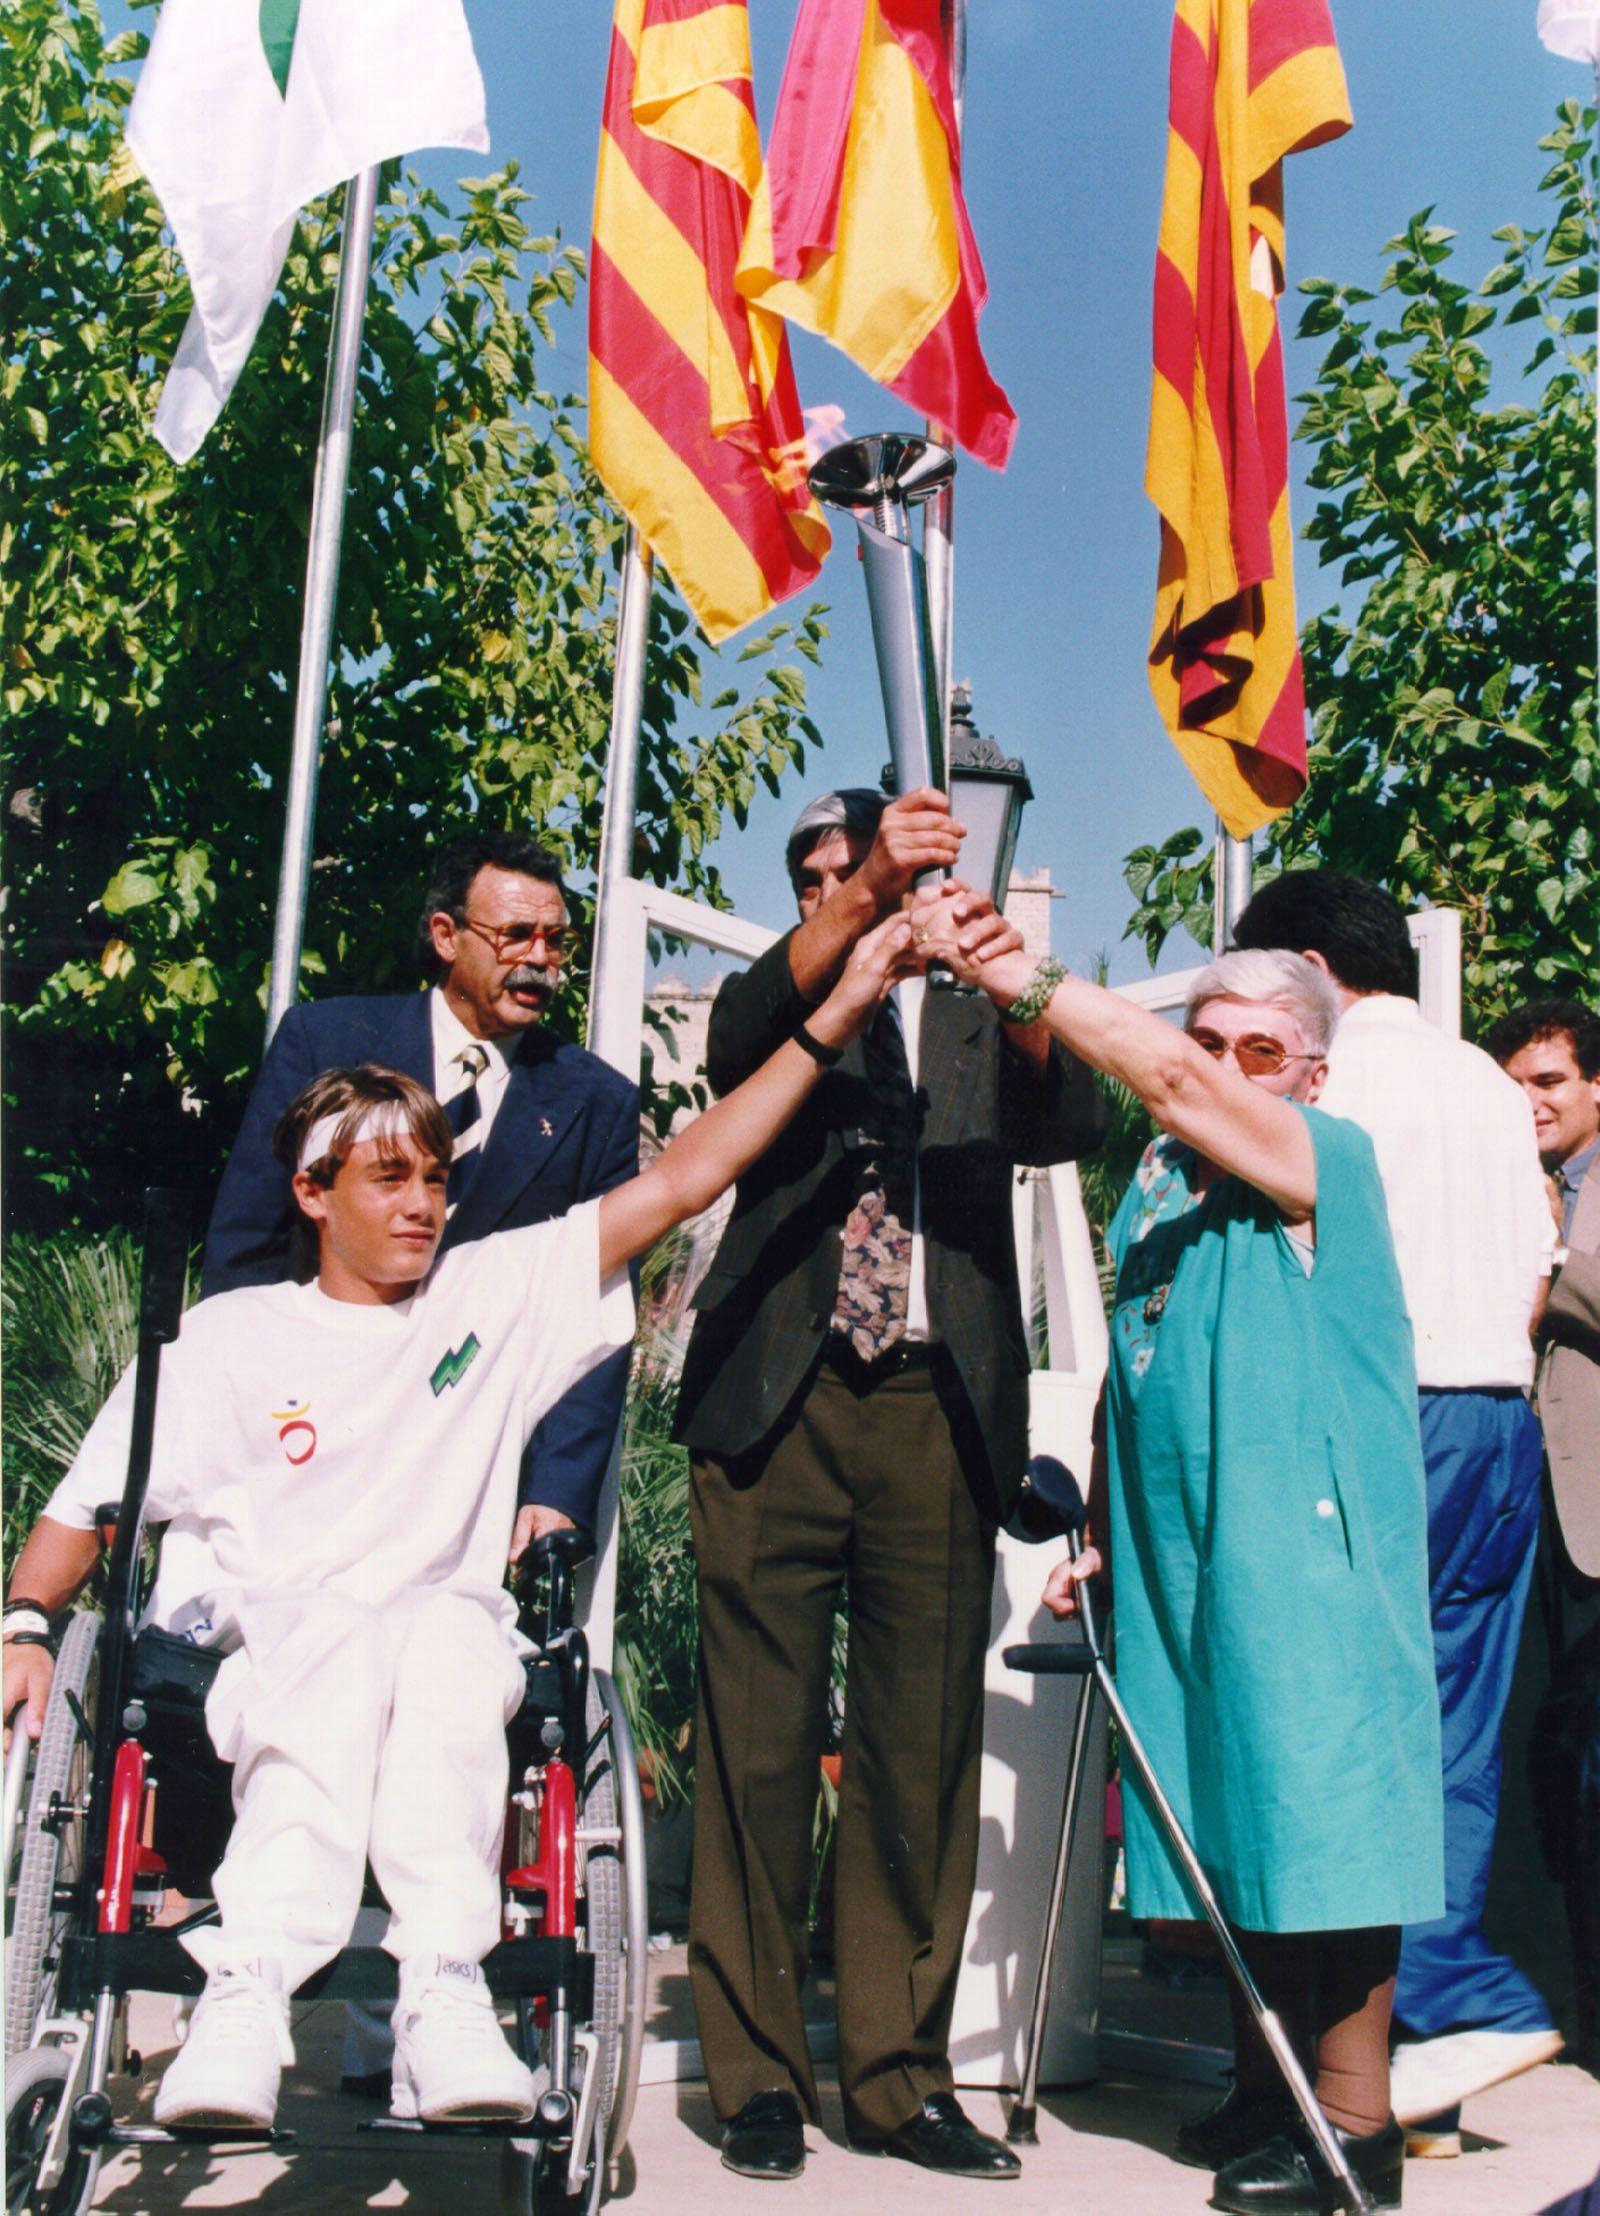 L'alcalde d'aleshores de Sant Cugat, Aymerich, aixeca la torxa dels Jocs Olímpics, juntament amb un esportista i  Pepa Llunell, incansable lluitadora contra les barreres arquitectòniques. FOTO: Cedida